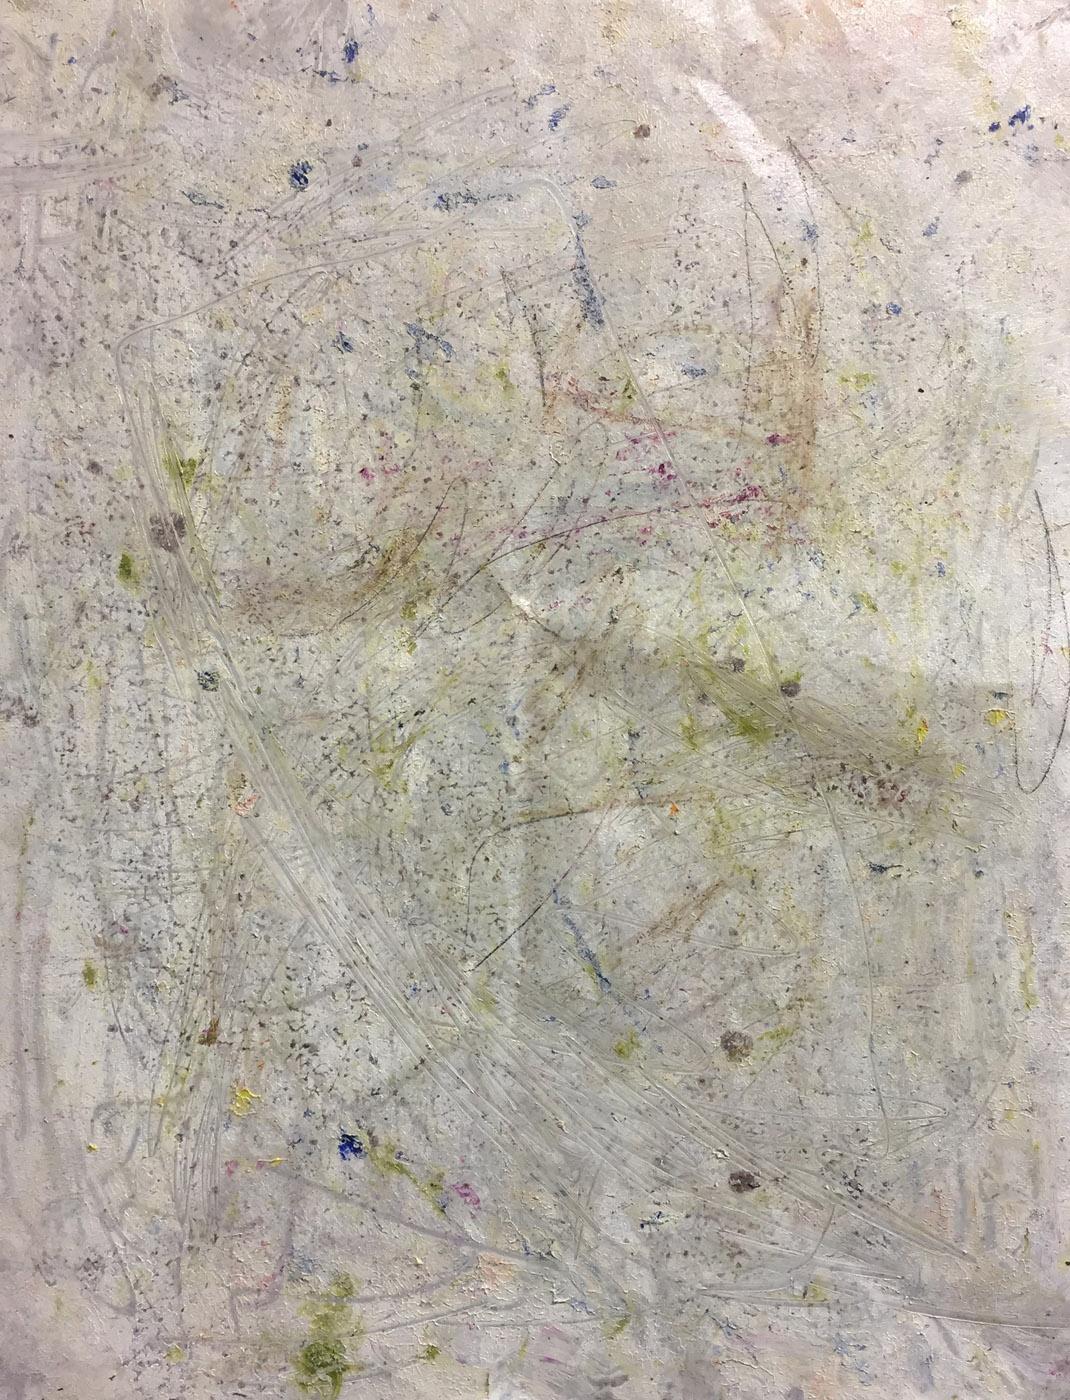 MARC FELD 2019 ALLEGRIA 2 Huile et acrylique sur papier 50 x 65 cm